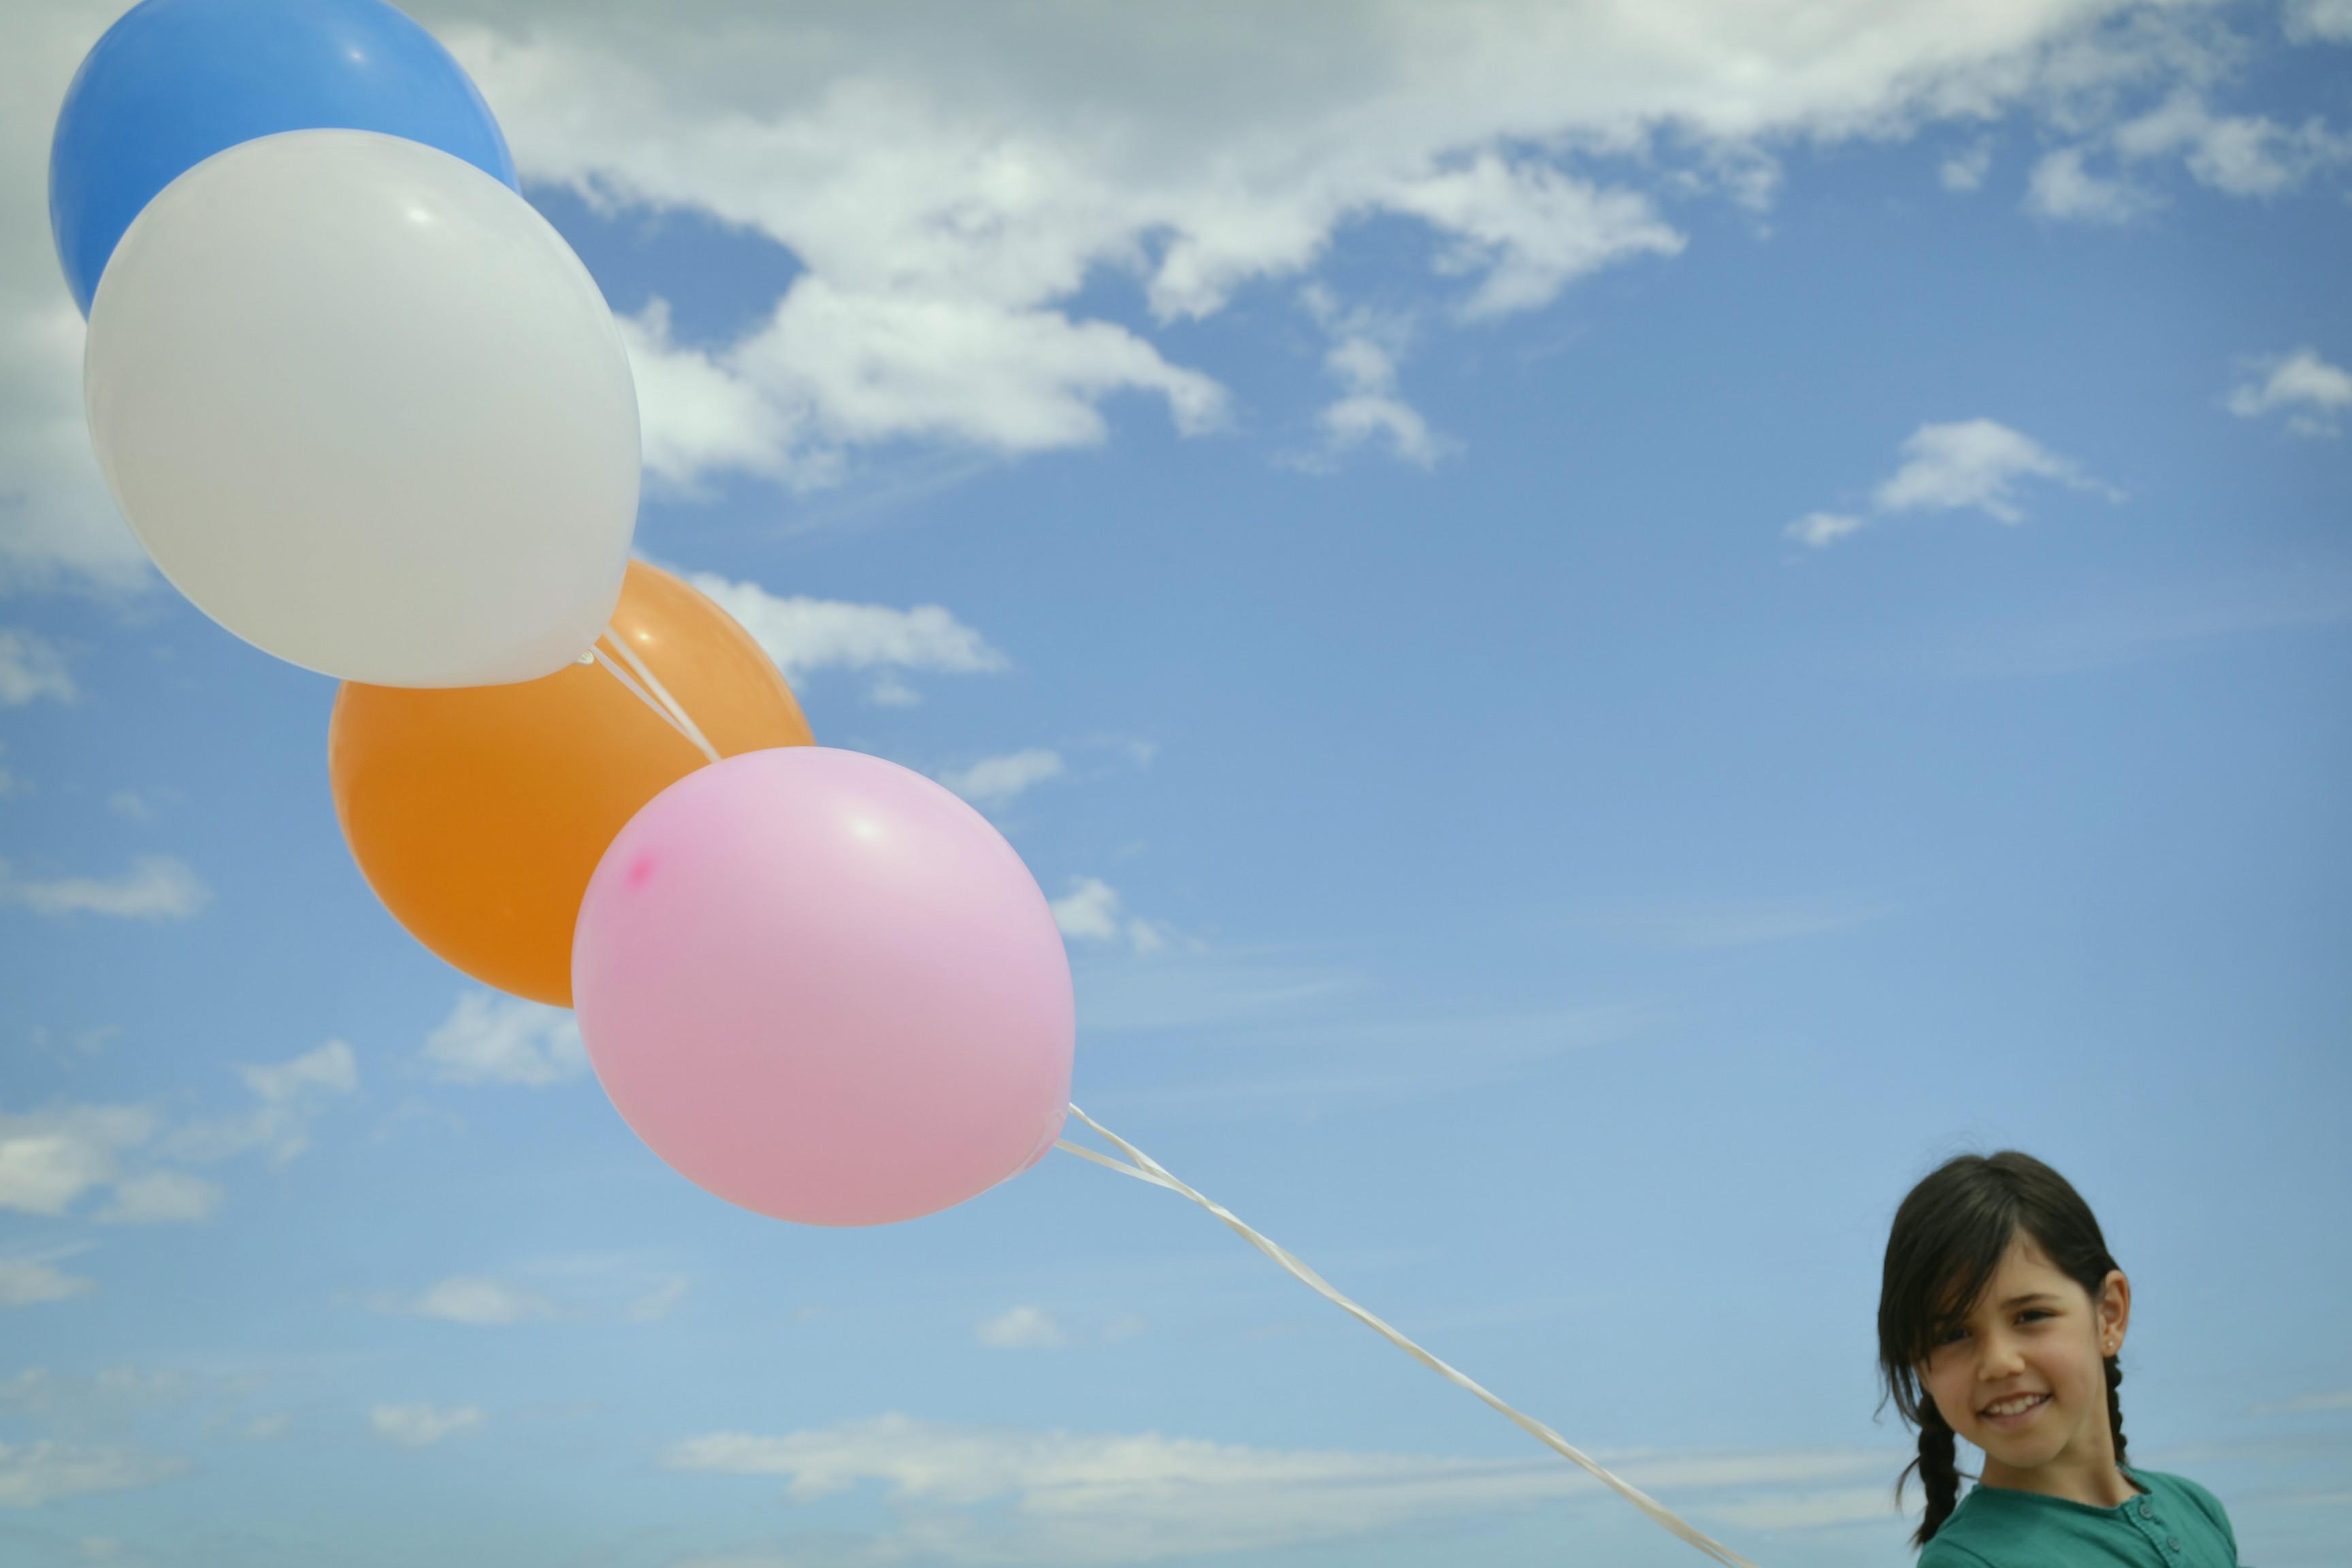 Fotos bonitas con globos de helio